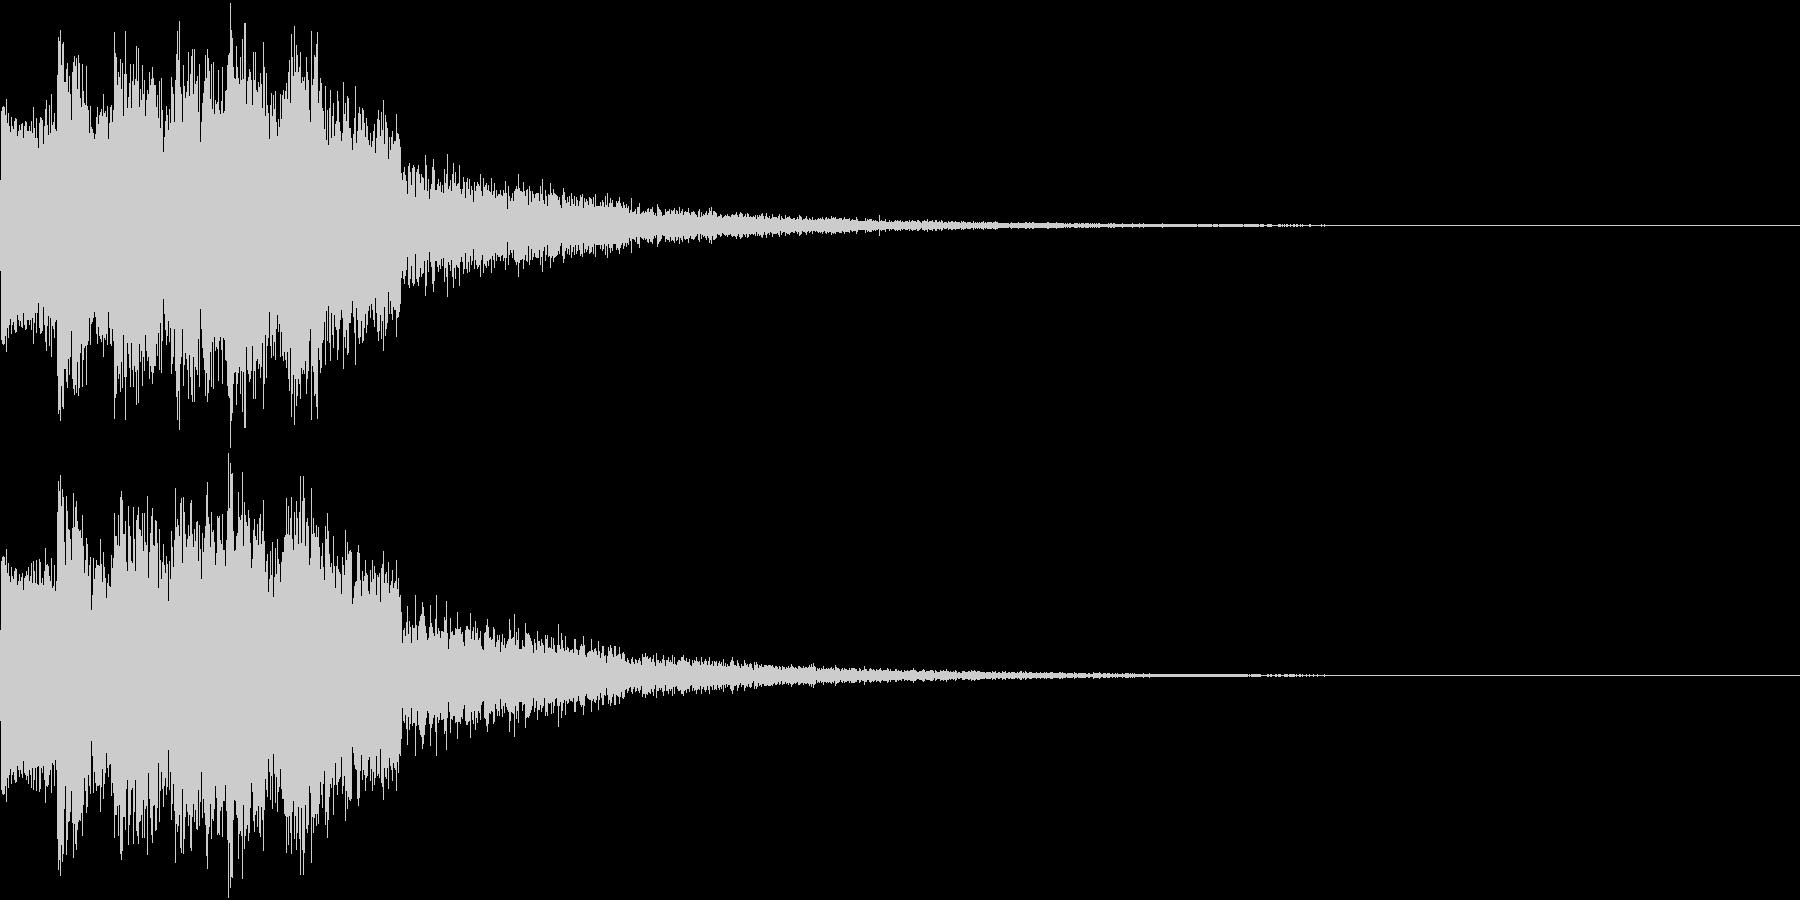 ピコピコ キュルルン ジャンプ Eの未再生の波形